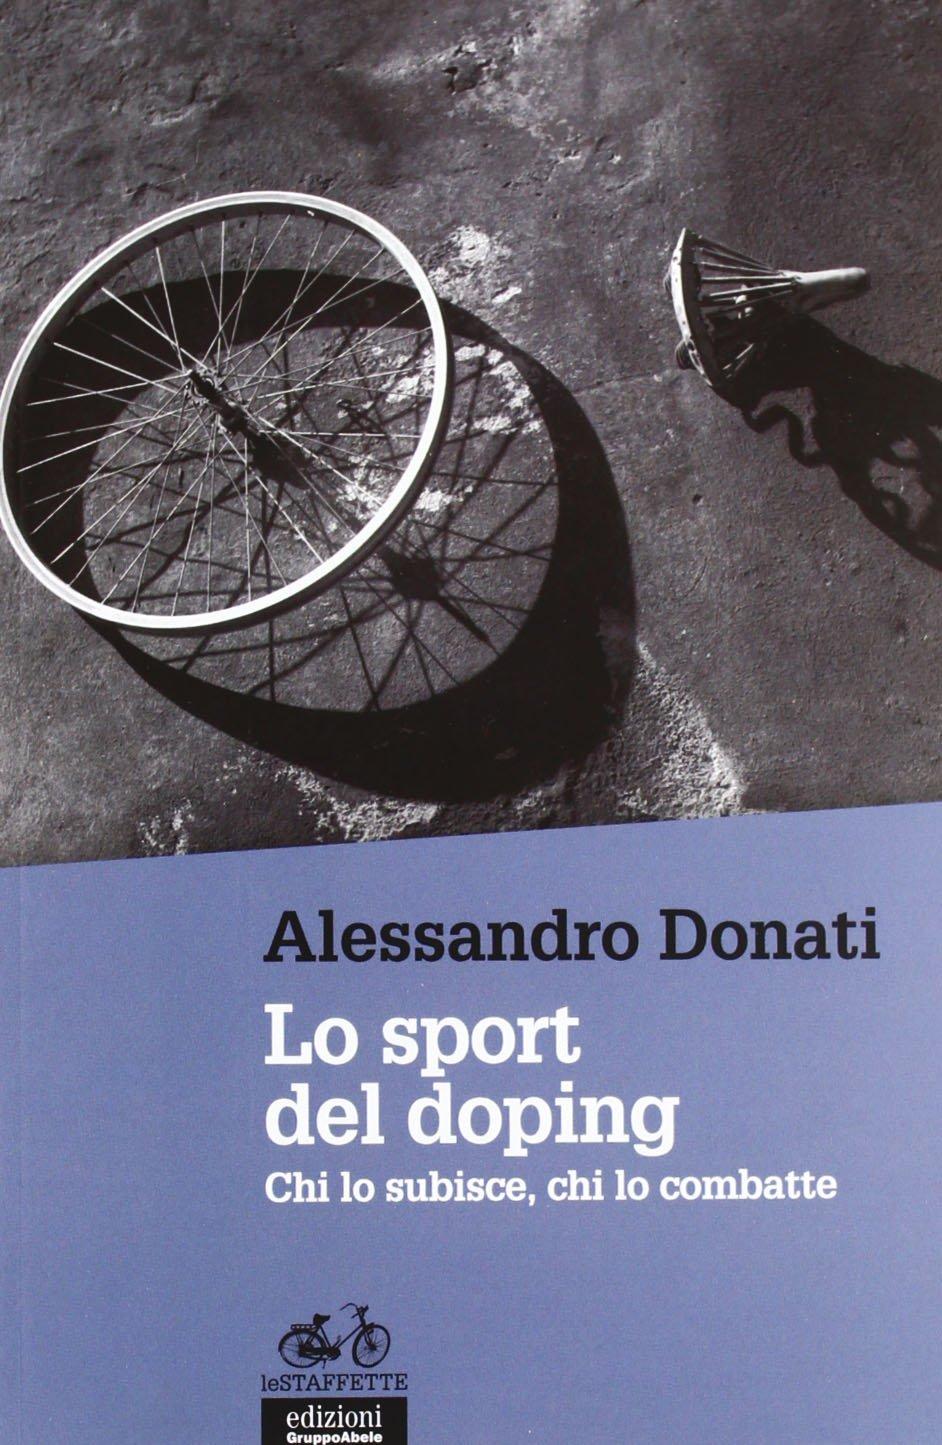 Libro_Lo_sport_del_doping